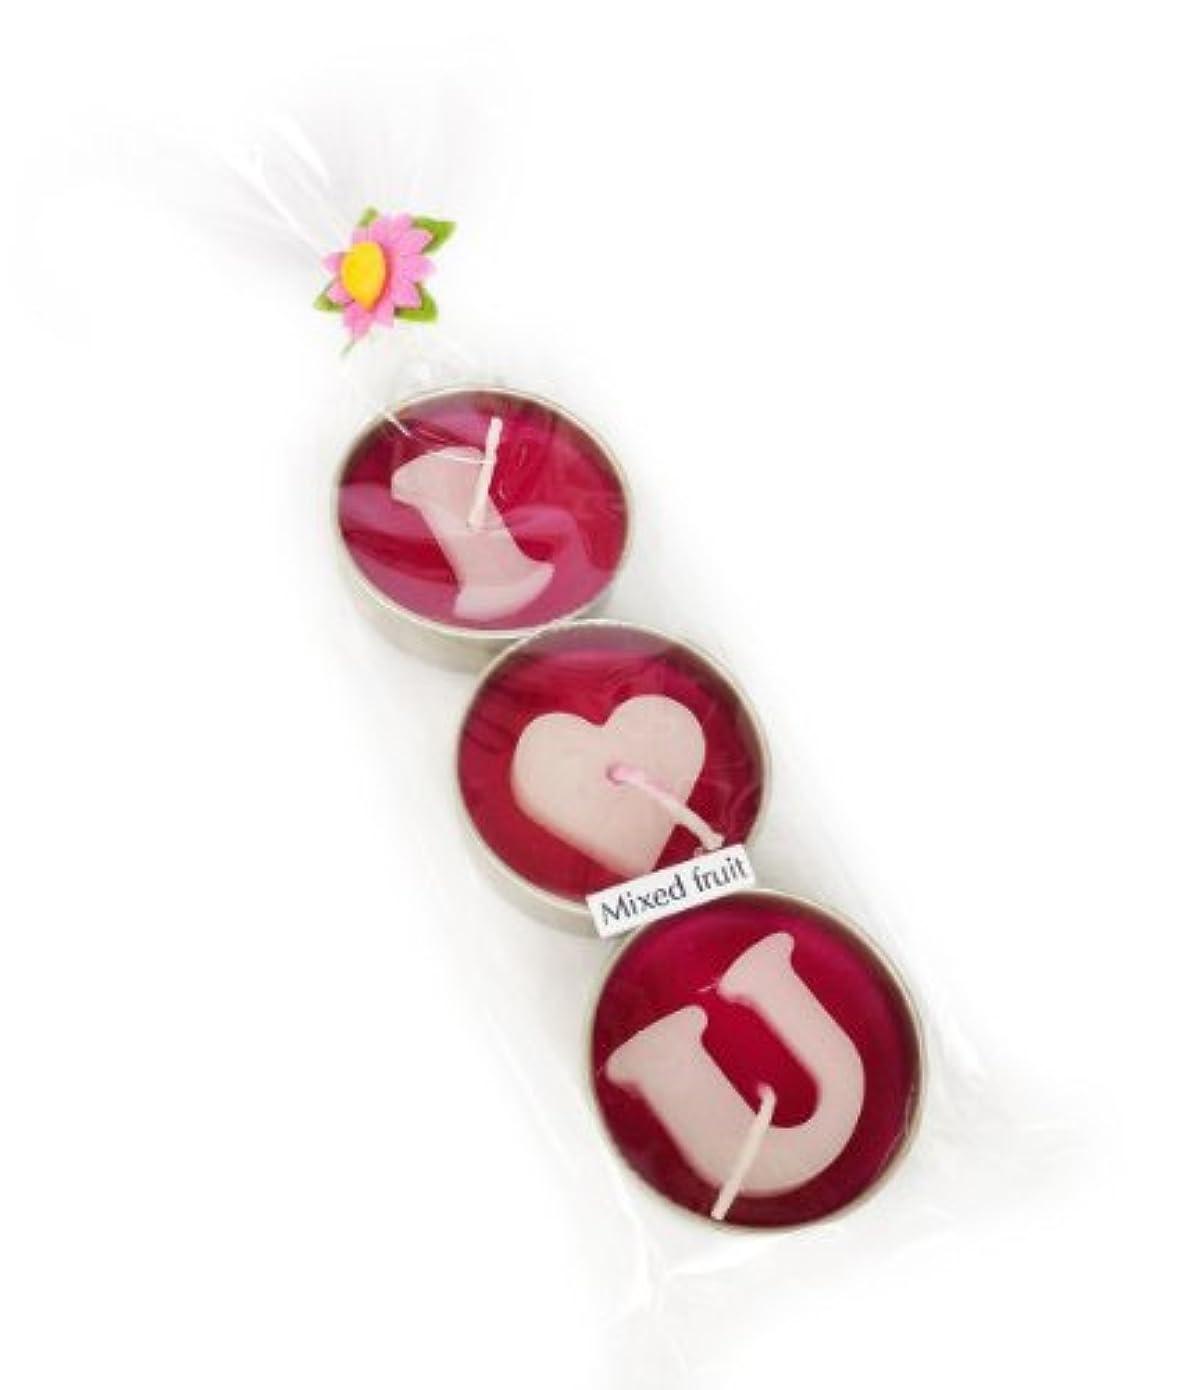 無アクセスできない暴露するアロマキャンドル/ラブキャンドル/ILoveU/モーク/ロウソク/ろうそ/1パック3個入り/(1Pack  3pc I love U Candle) (Mixed Fruit)